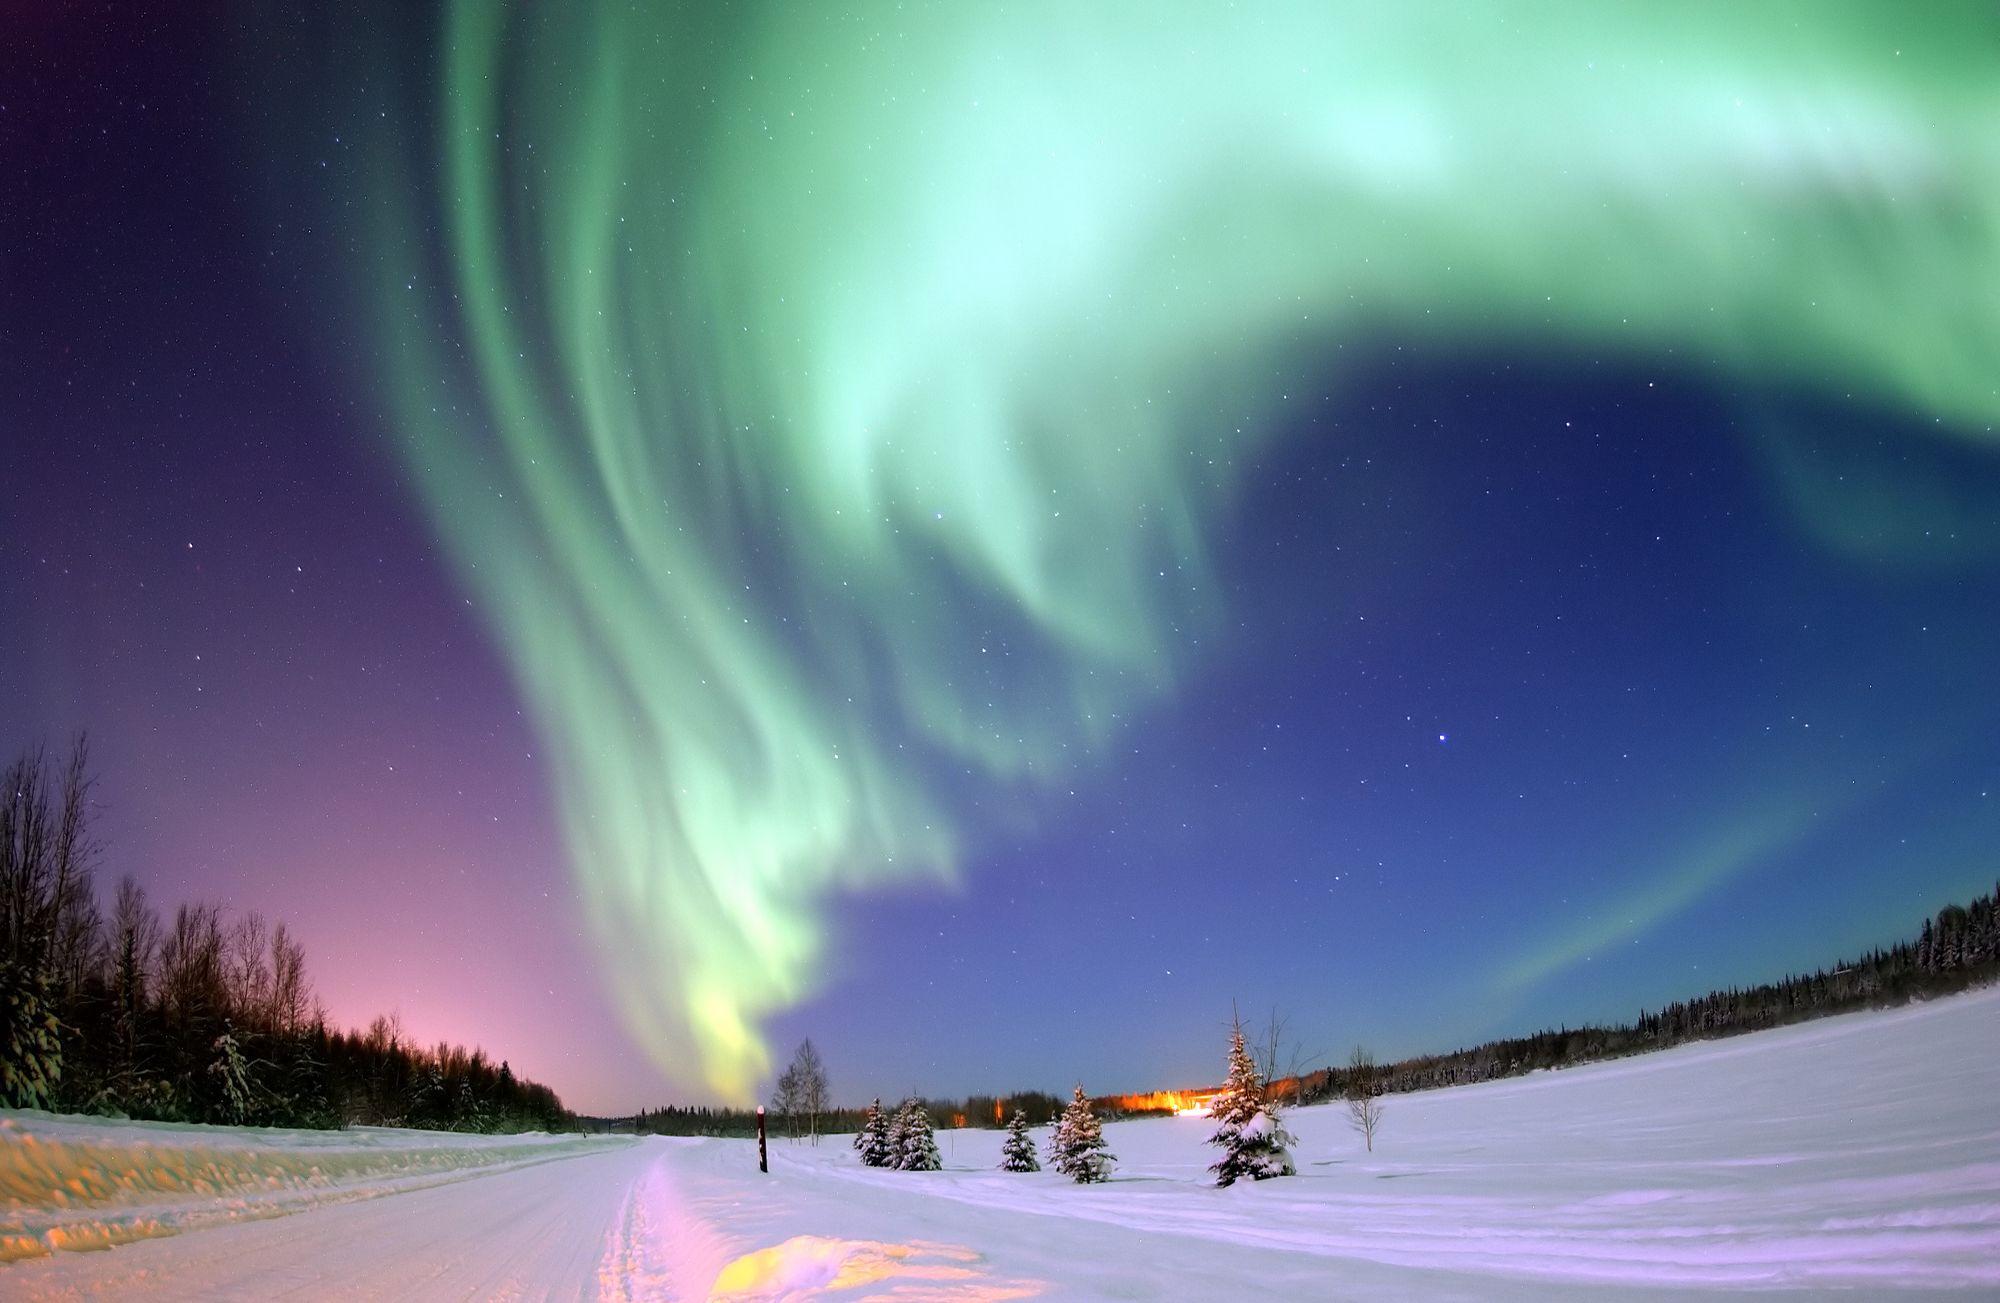 Aurora boreal captada en Alaska por una expedición de la Fuerza Aérea de Estados Unidos.